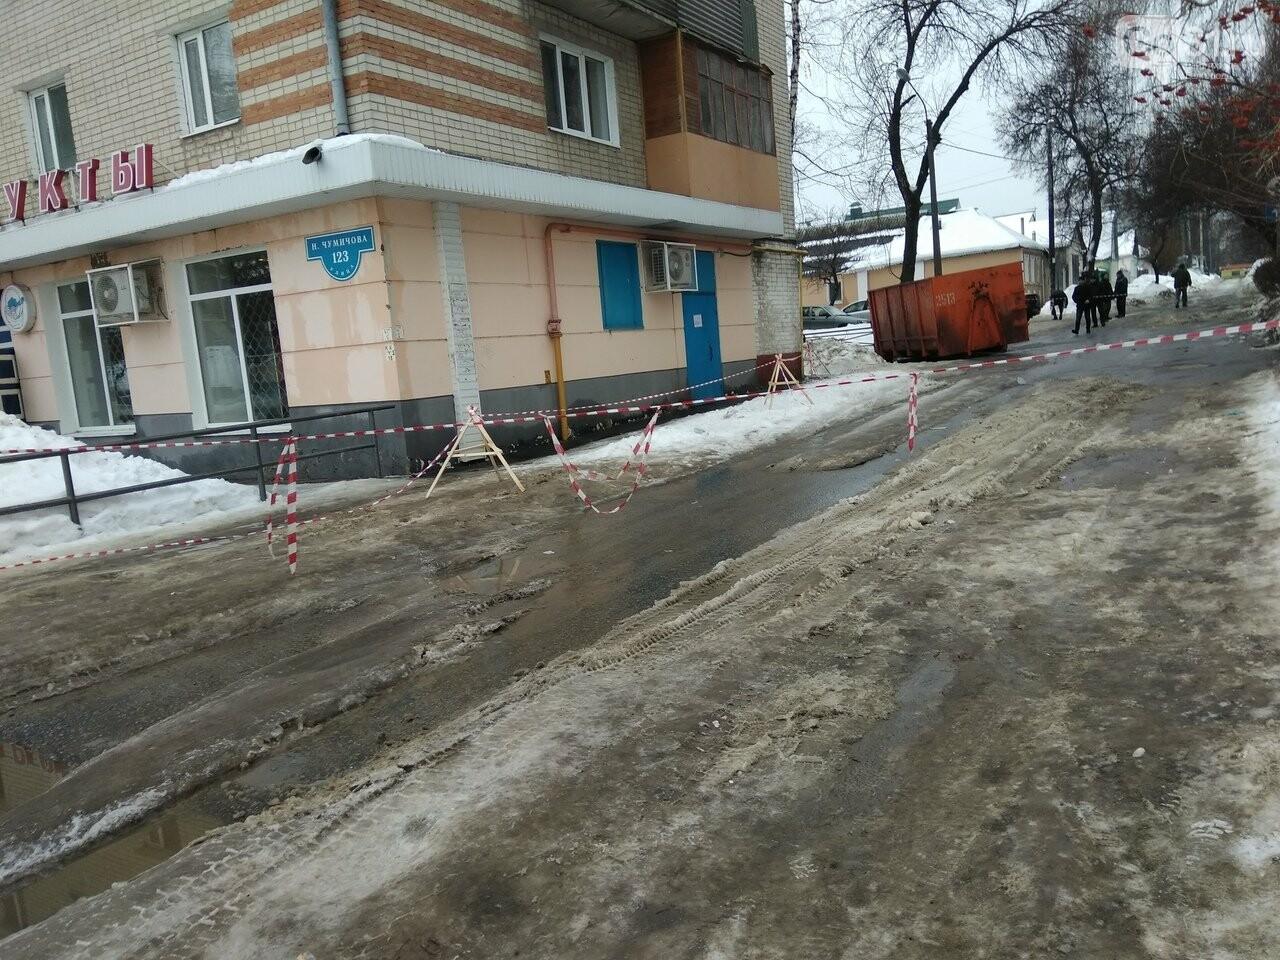 В доме на Чумичова обрушилась крыша из-за плохой работы управляющей компании по очистке снега, фото-3